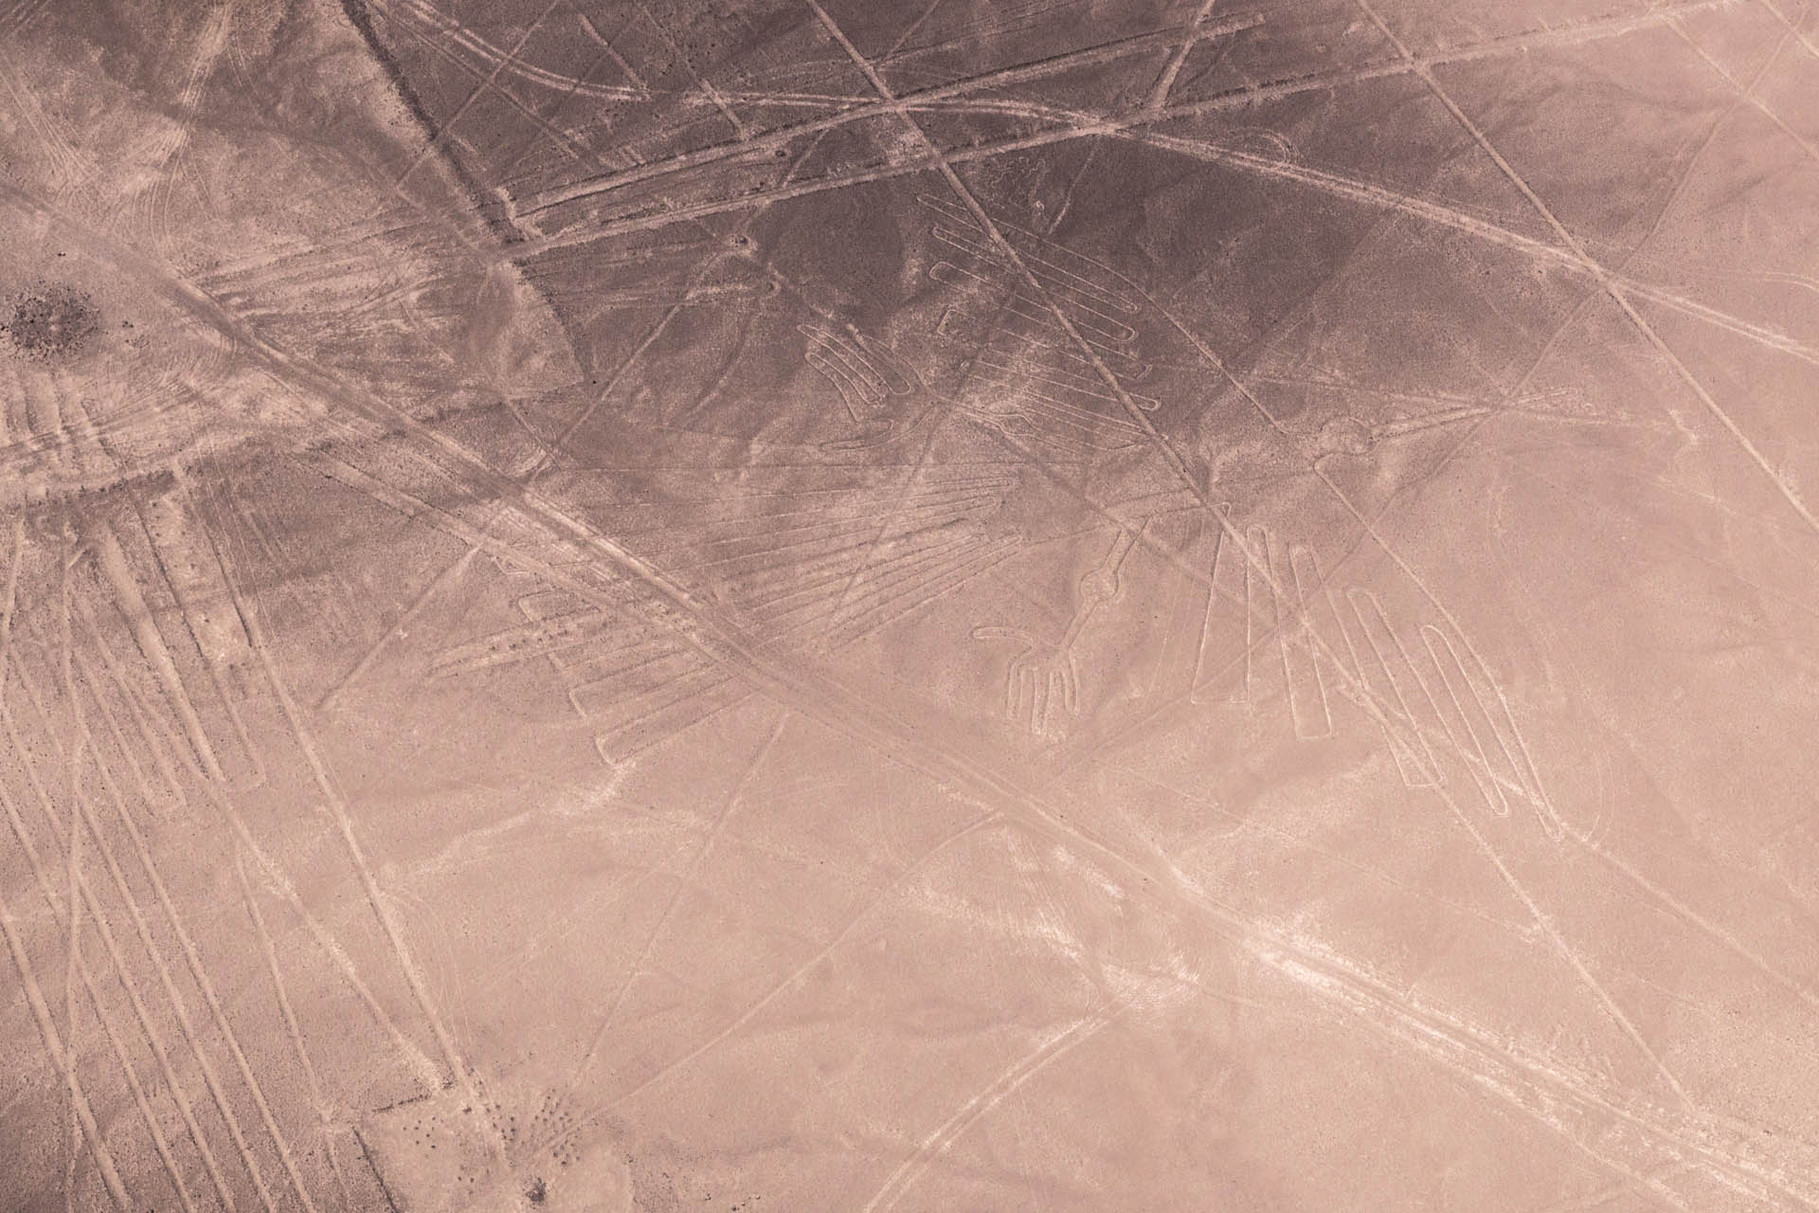 Nazca lines: Condor